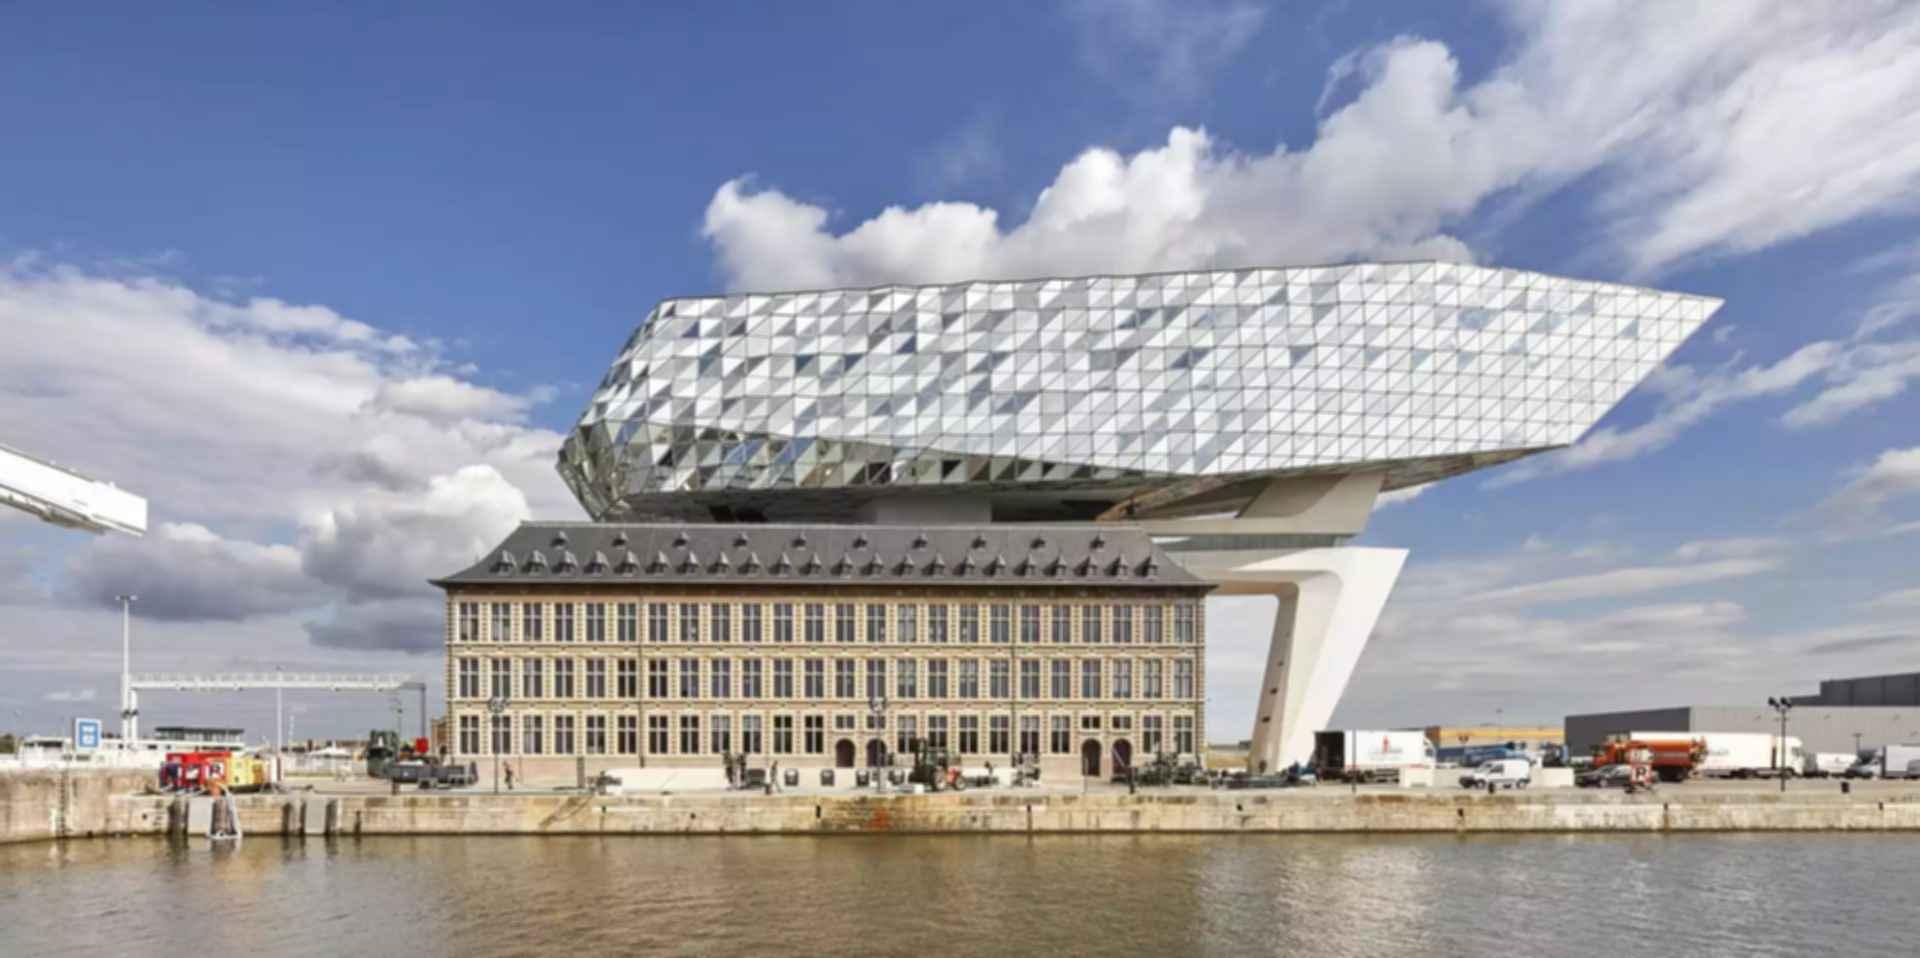 Antwerp Port House - Exterior/Landscape